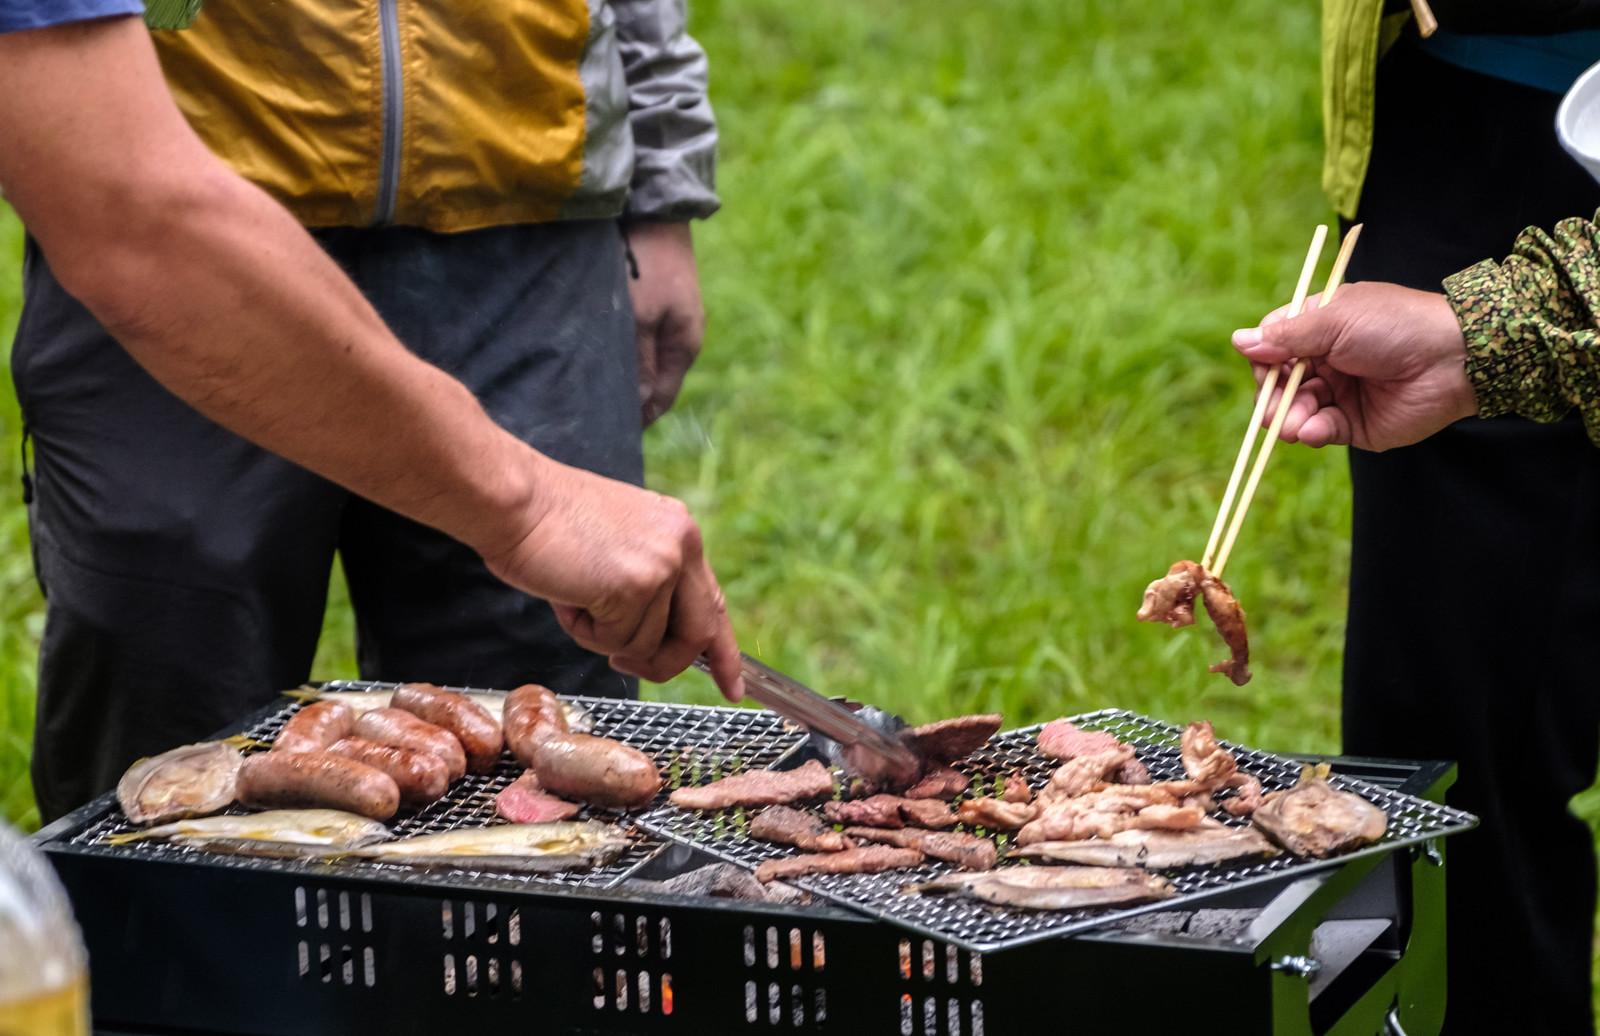 秋葉原の焼肉食べ放題はランチや一人でもおすすめの安いお店が沢山!